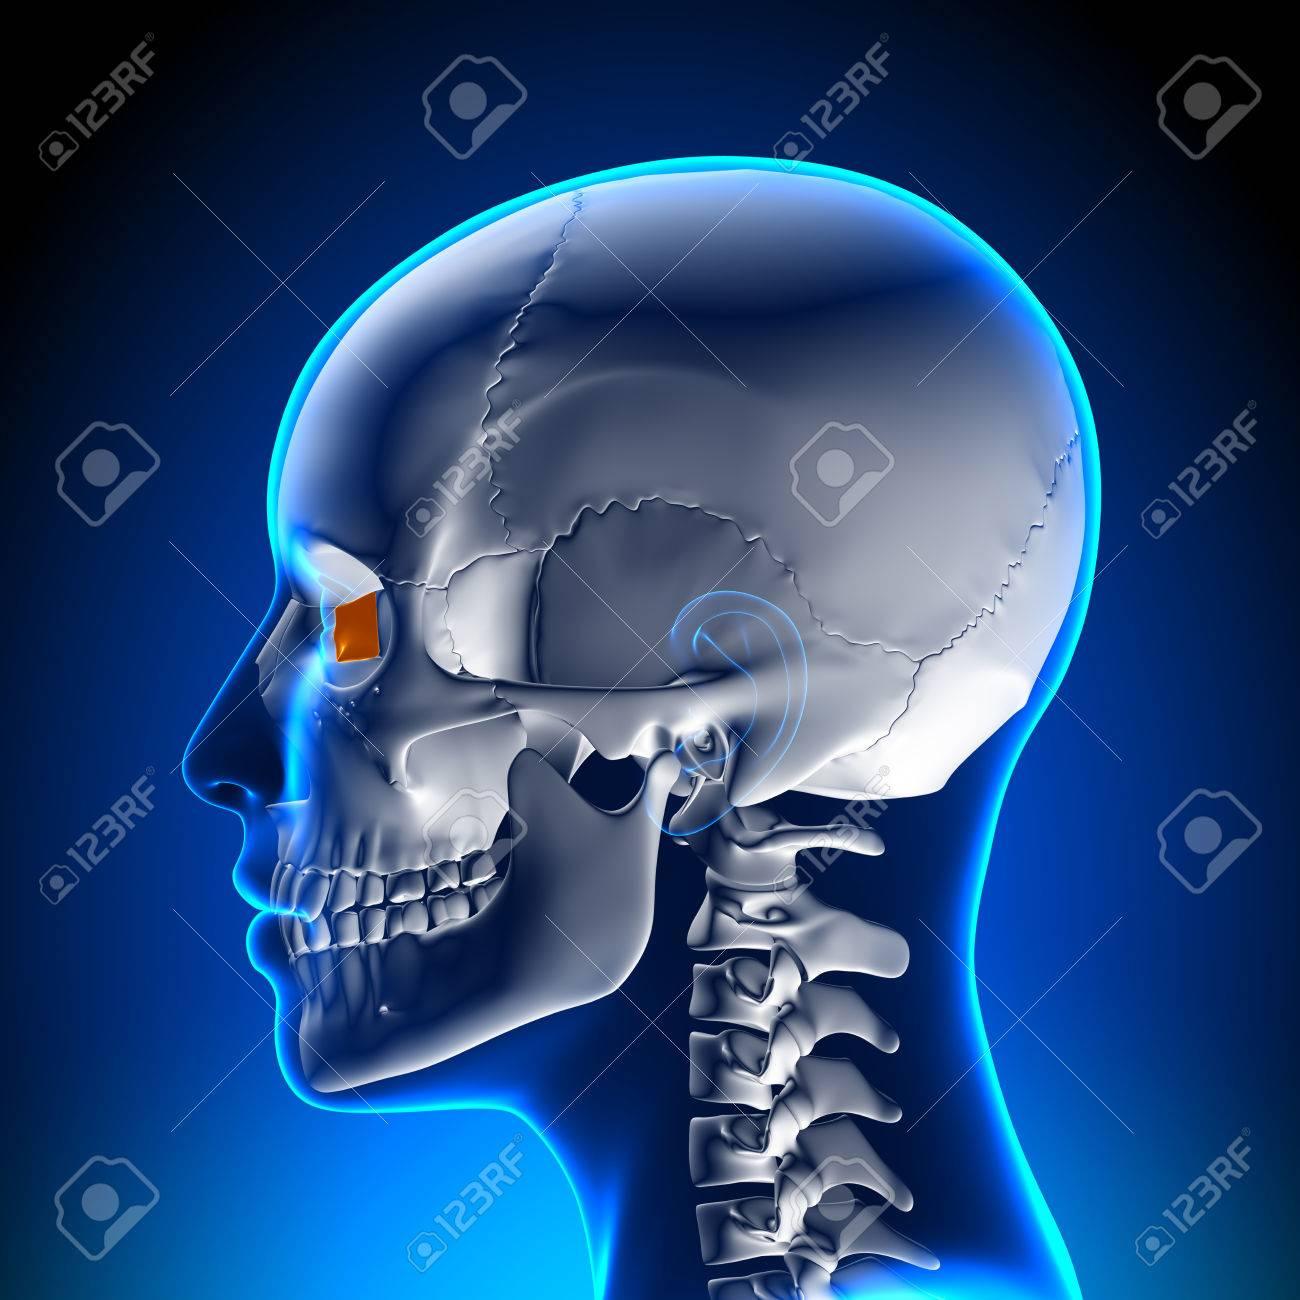 Weiblich Tränenbein - Schädel / Cranium Anatomie Lizenzfreie Fotos ...